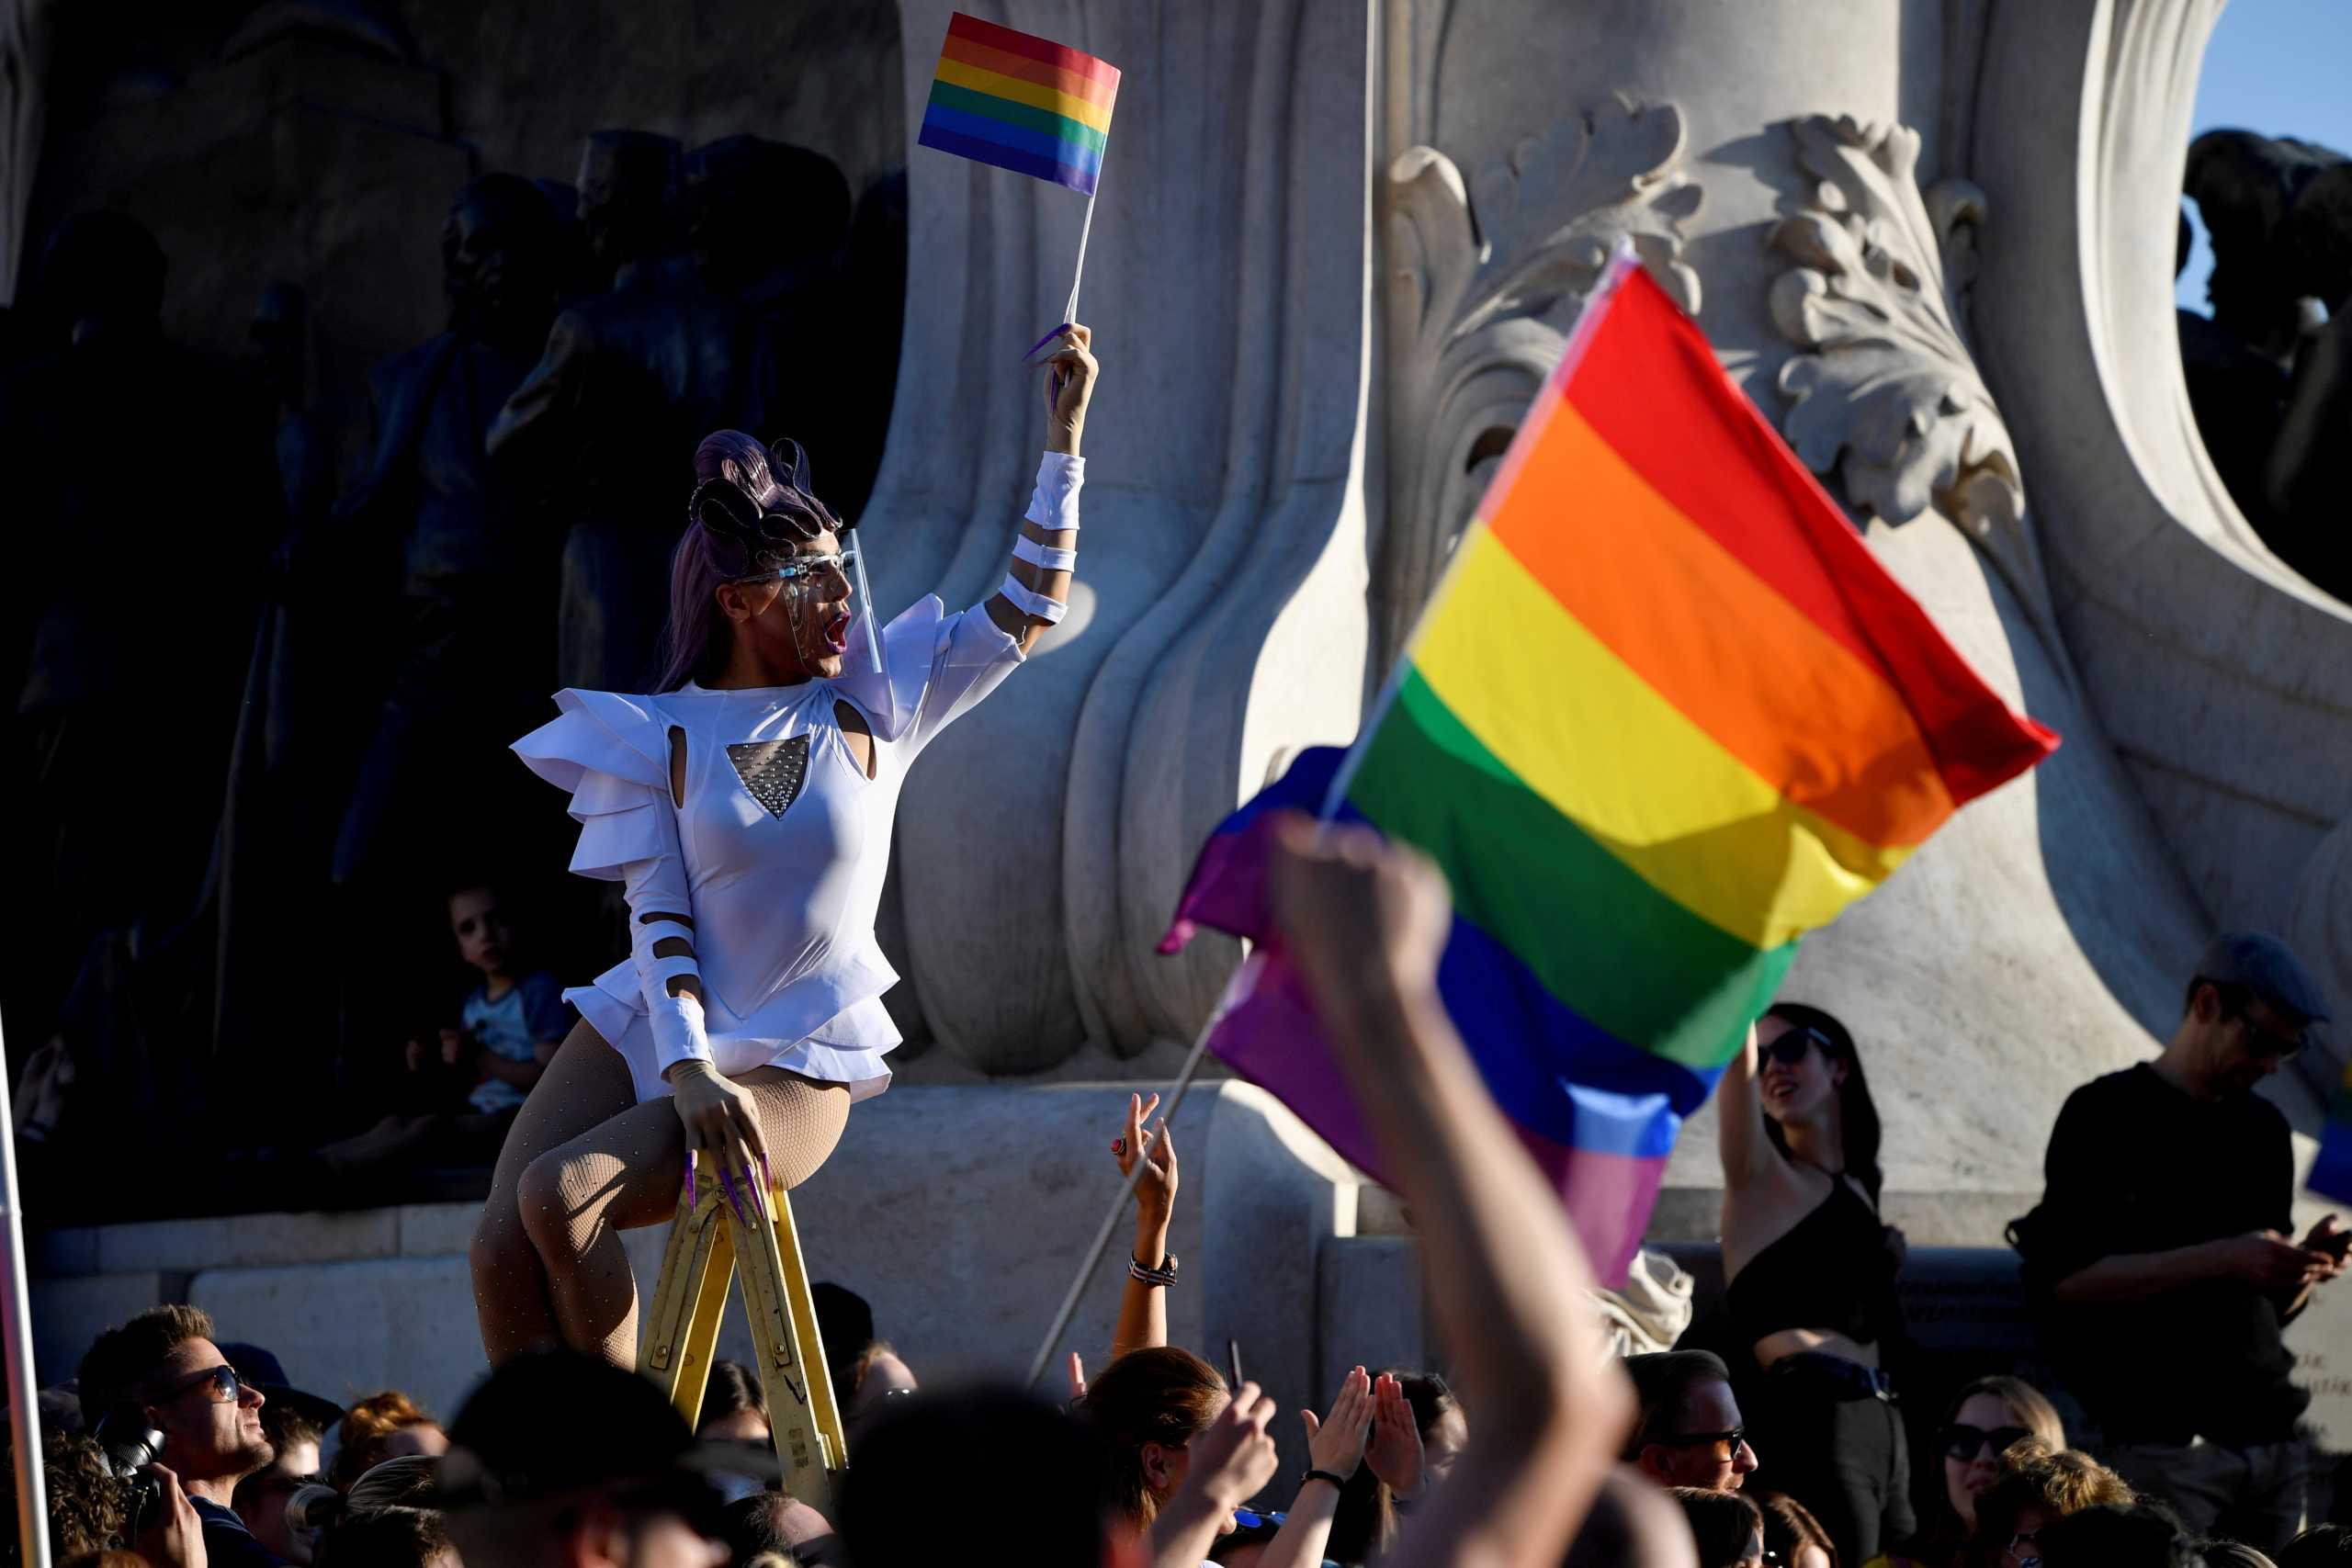 Η Ελλάδα συνυπογράφει τη δήλωση κατά της Ουγγαρίας για τα δικαιώματα των ΛΟΑΤΚΙ